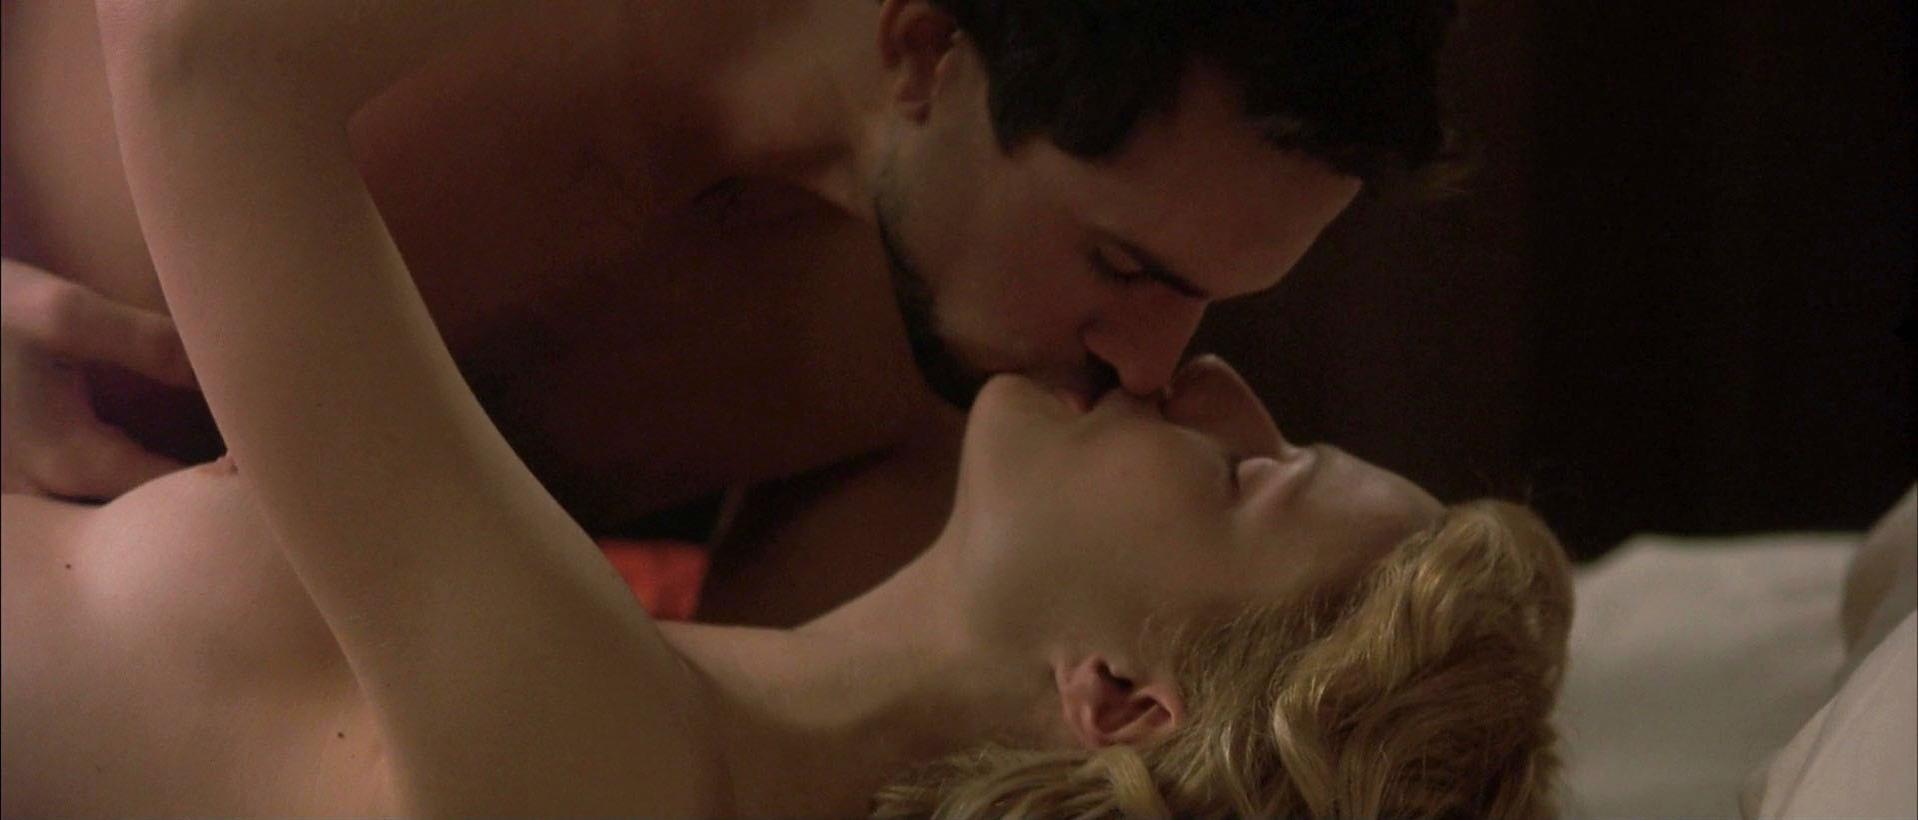 sex-gwyneth-paltrow-hd-nude